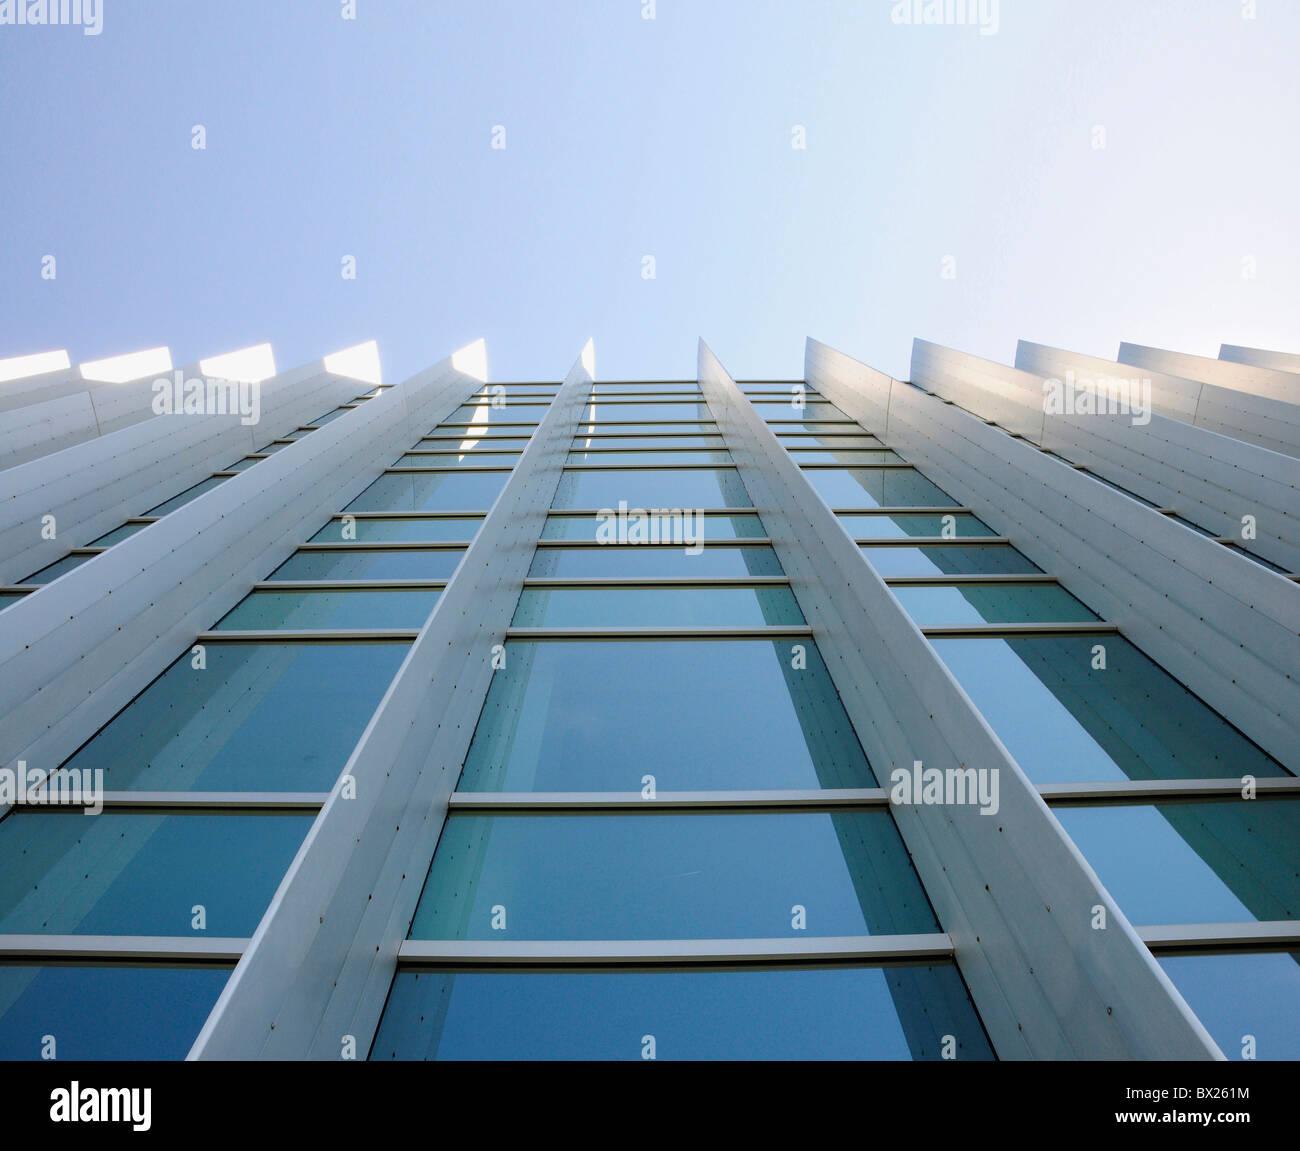 Les fenêtres extérieures d'un immeuble de bureaux commerciaux à up depuis le sol avec ciel bleu Photo Stock